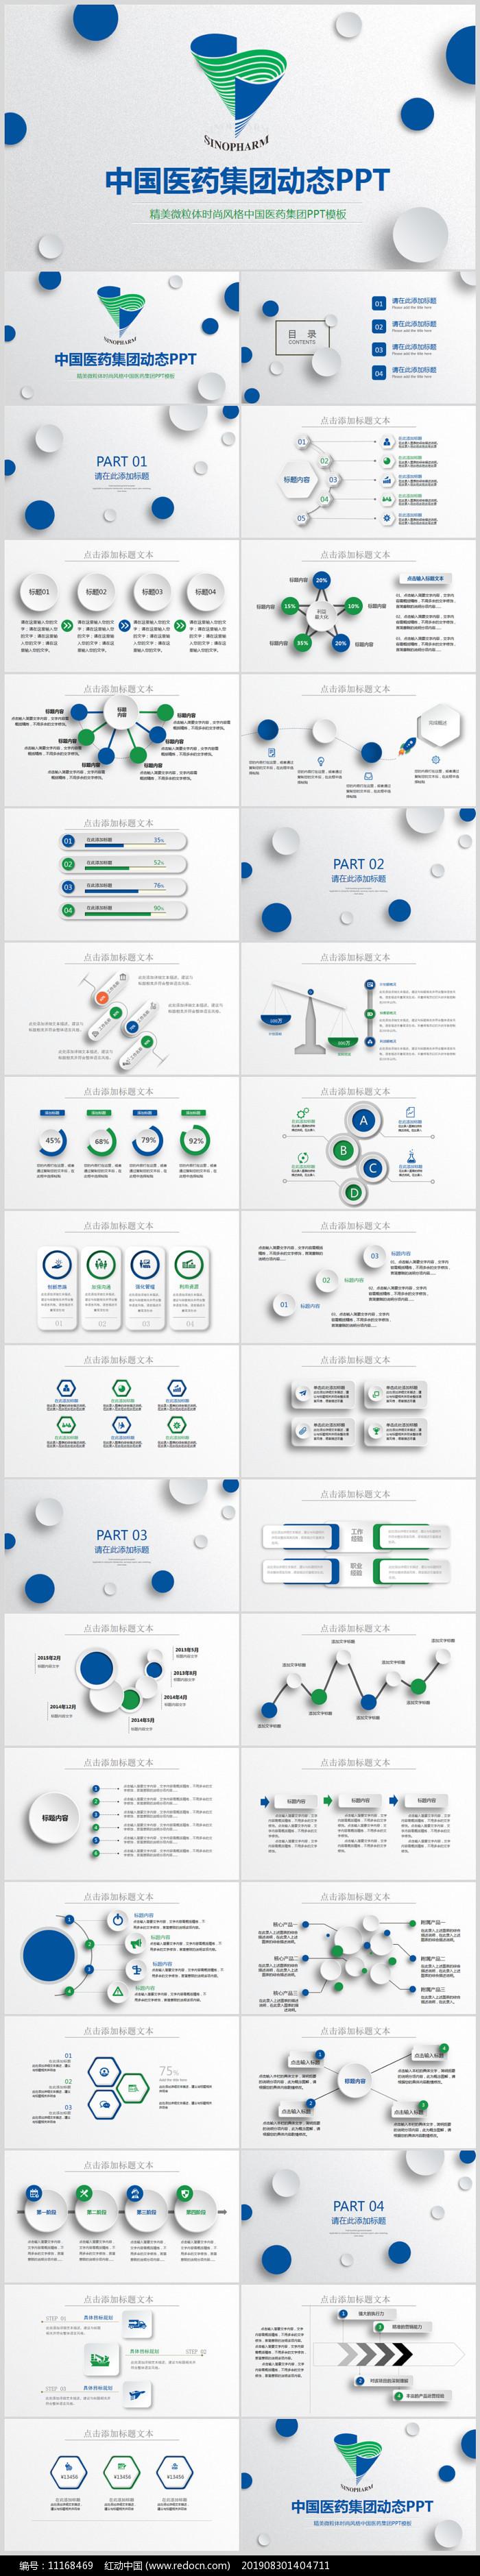 中国医药集团总结报告PPT模板图片